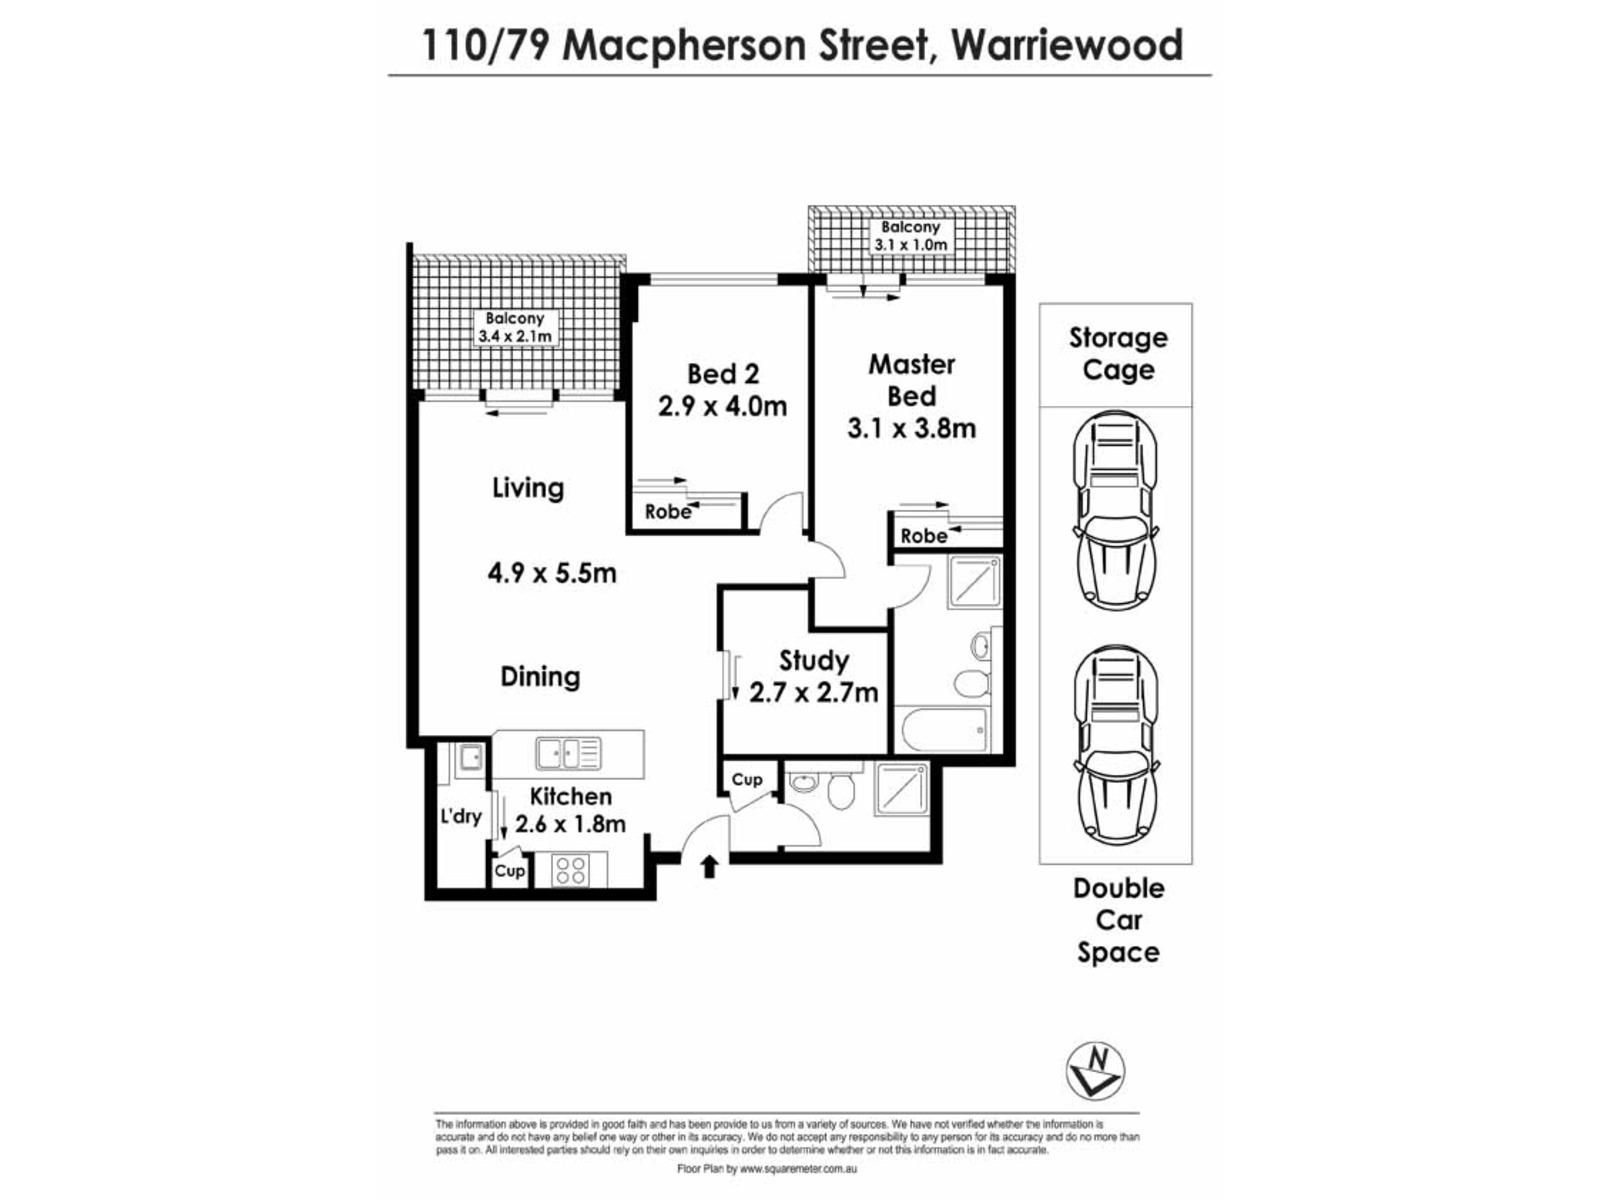 110 / 79 Macpherson Street, Warriewood